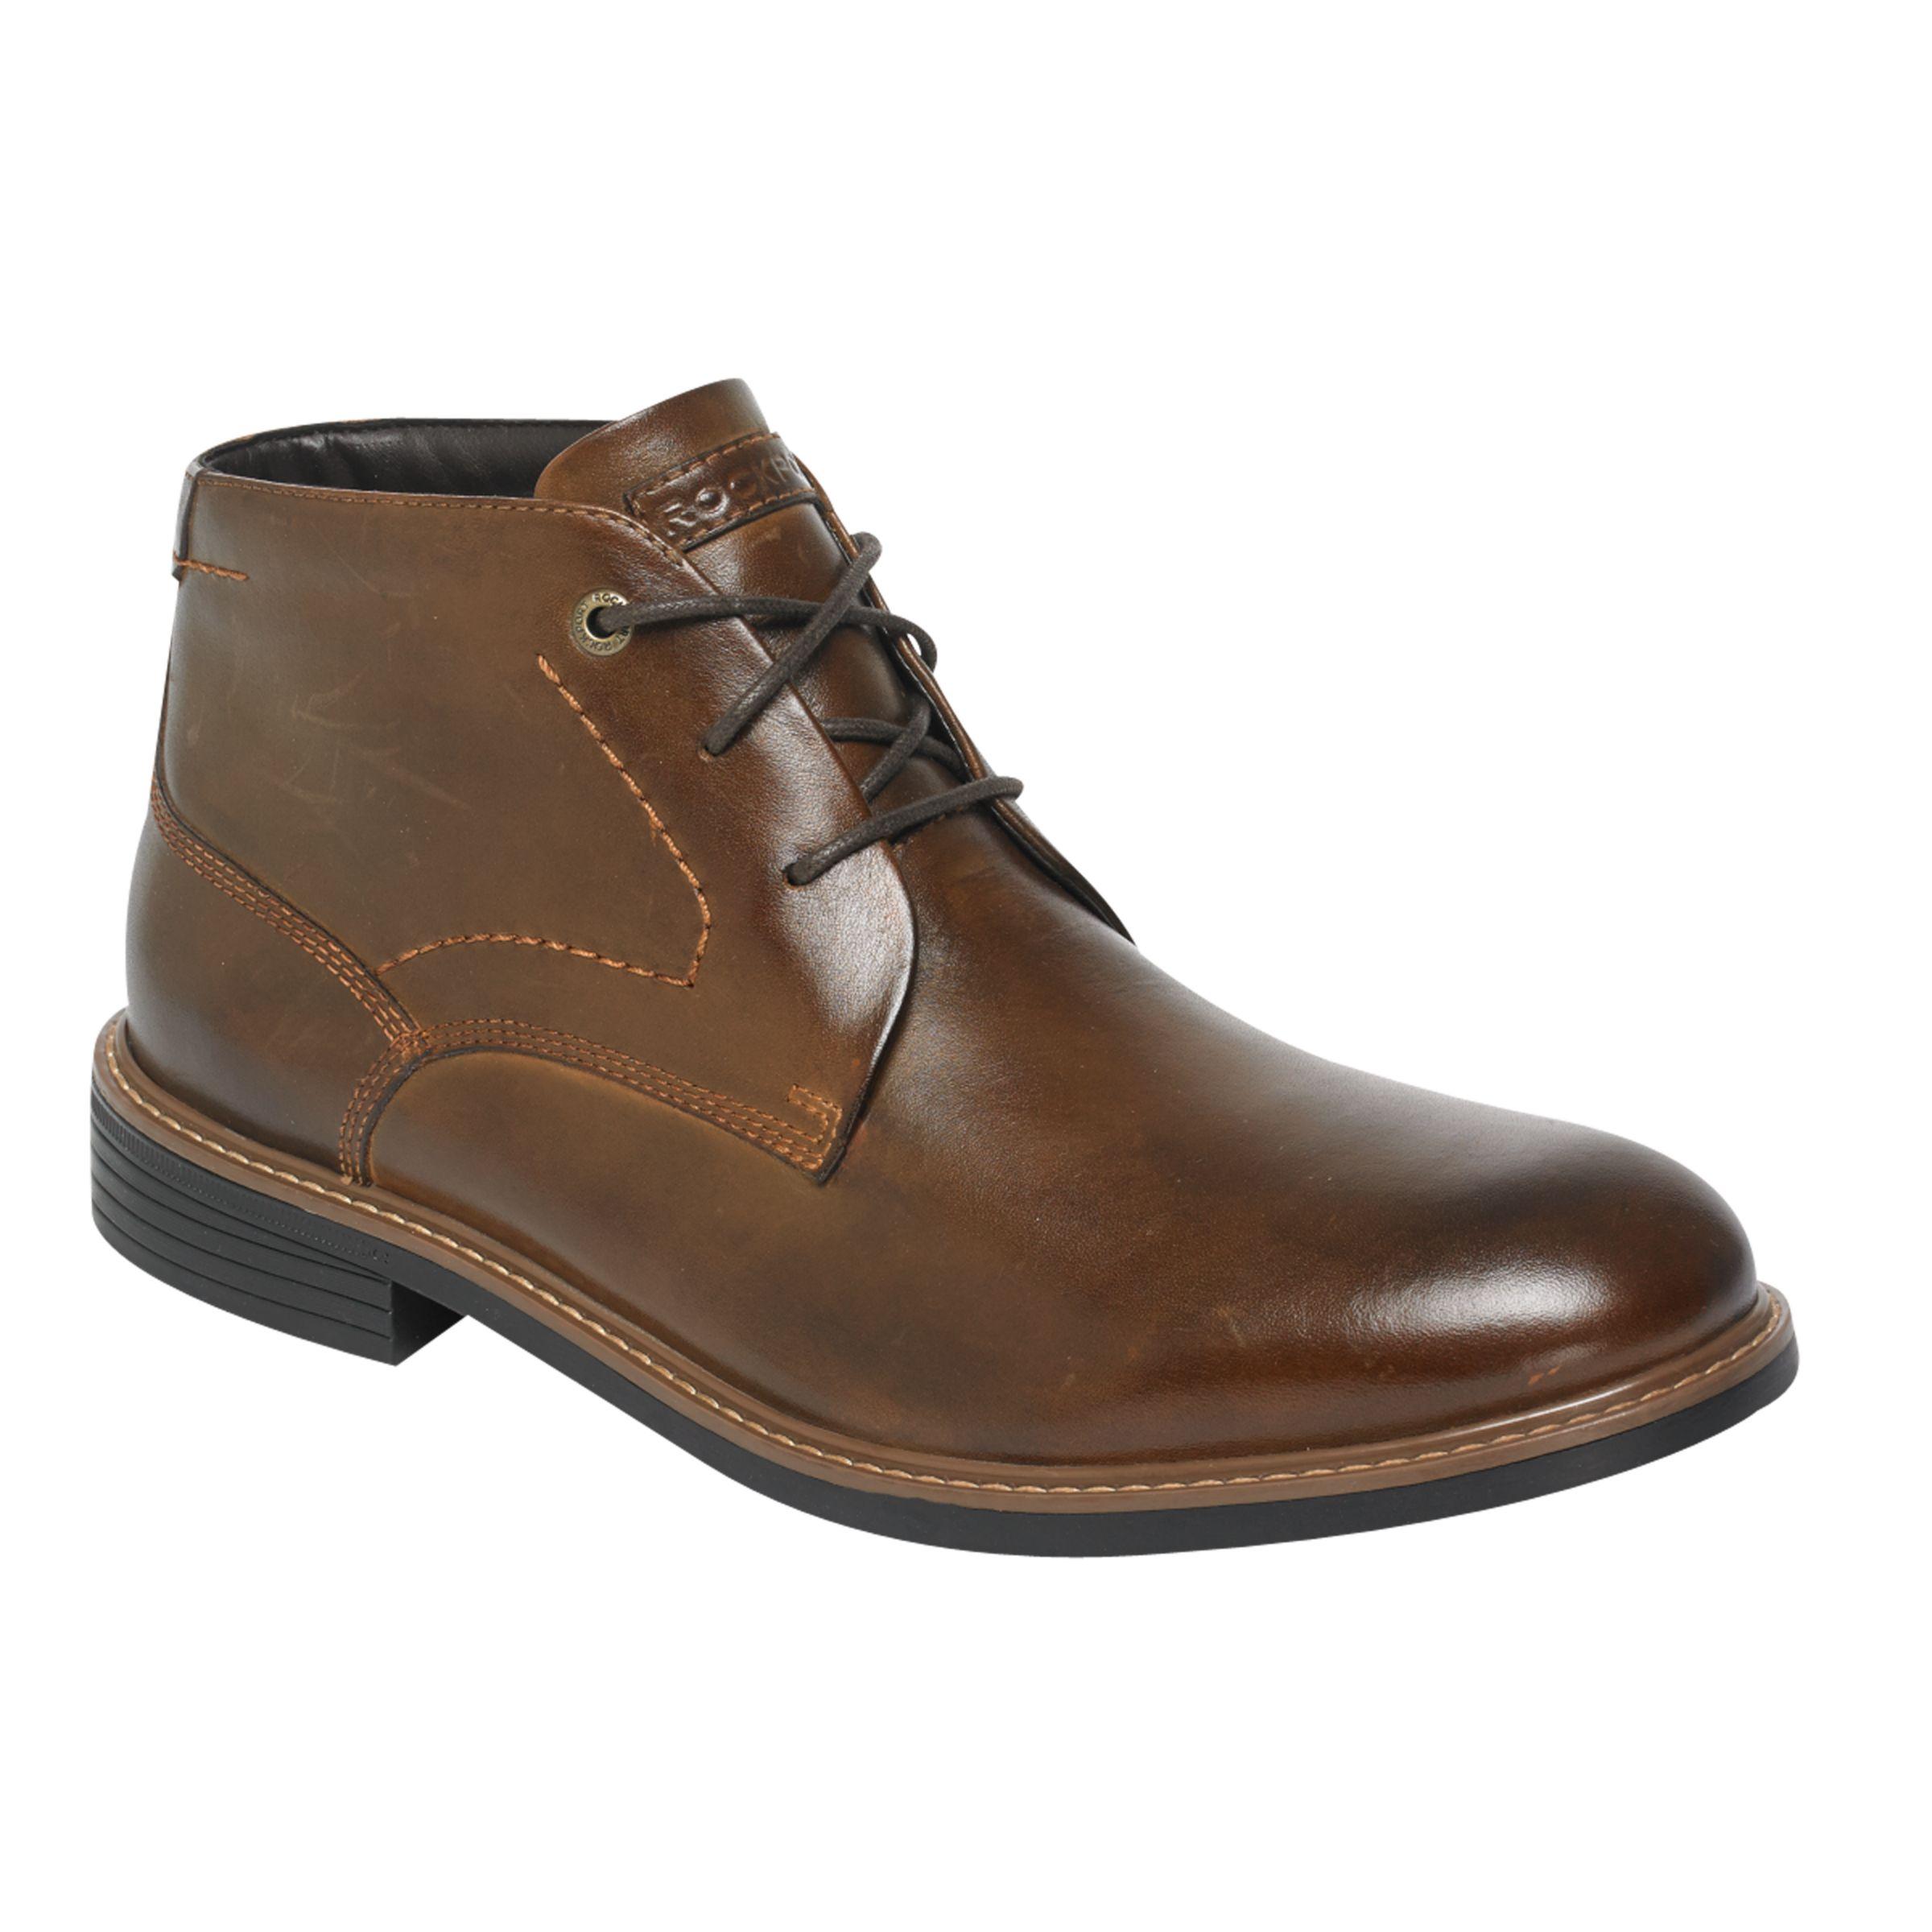 Rockport Rockport Break Chukka Boots, Dark Brown